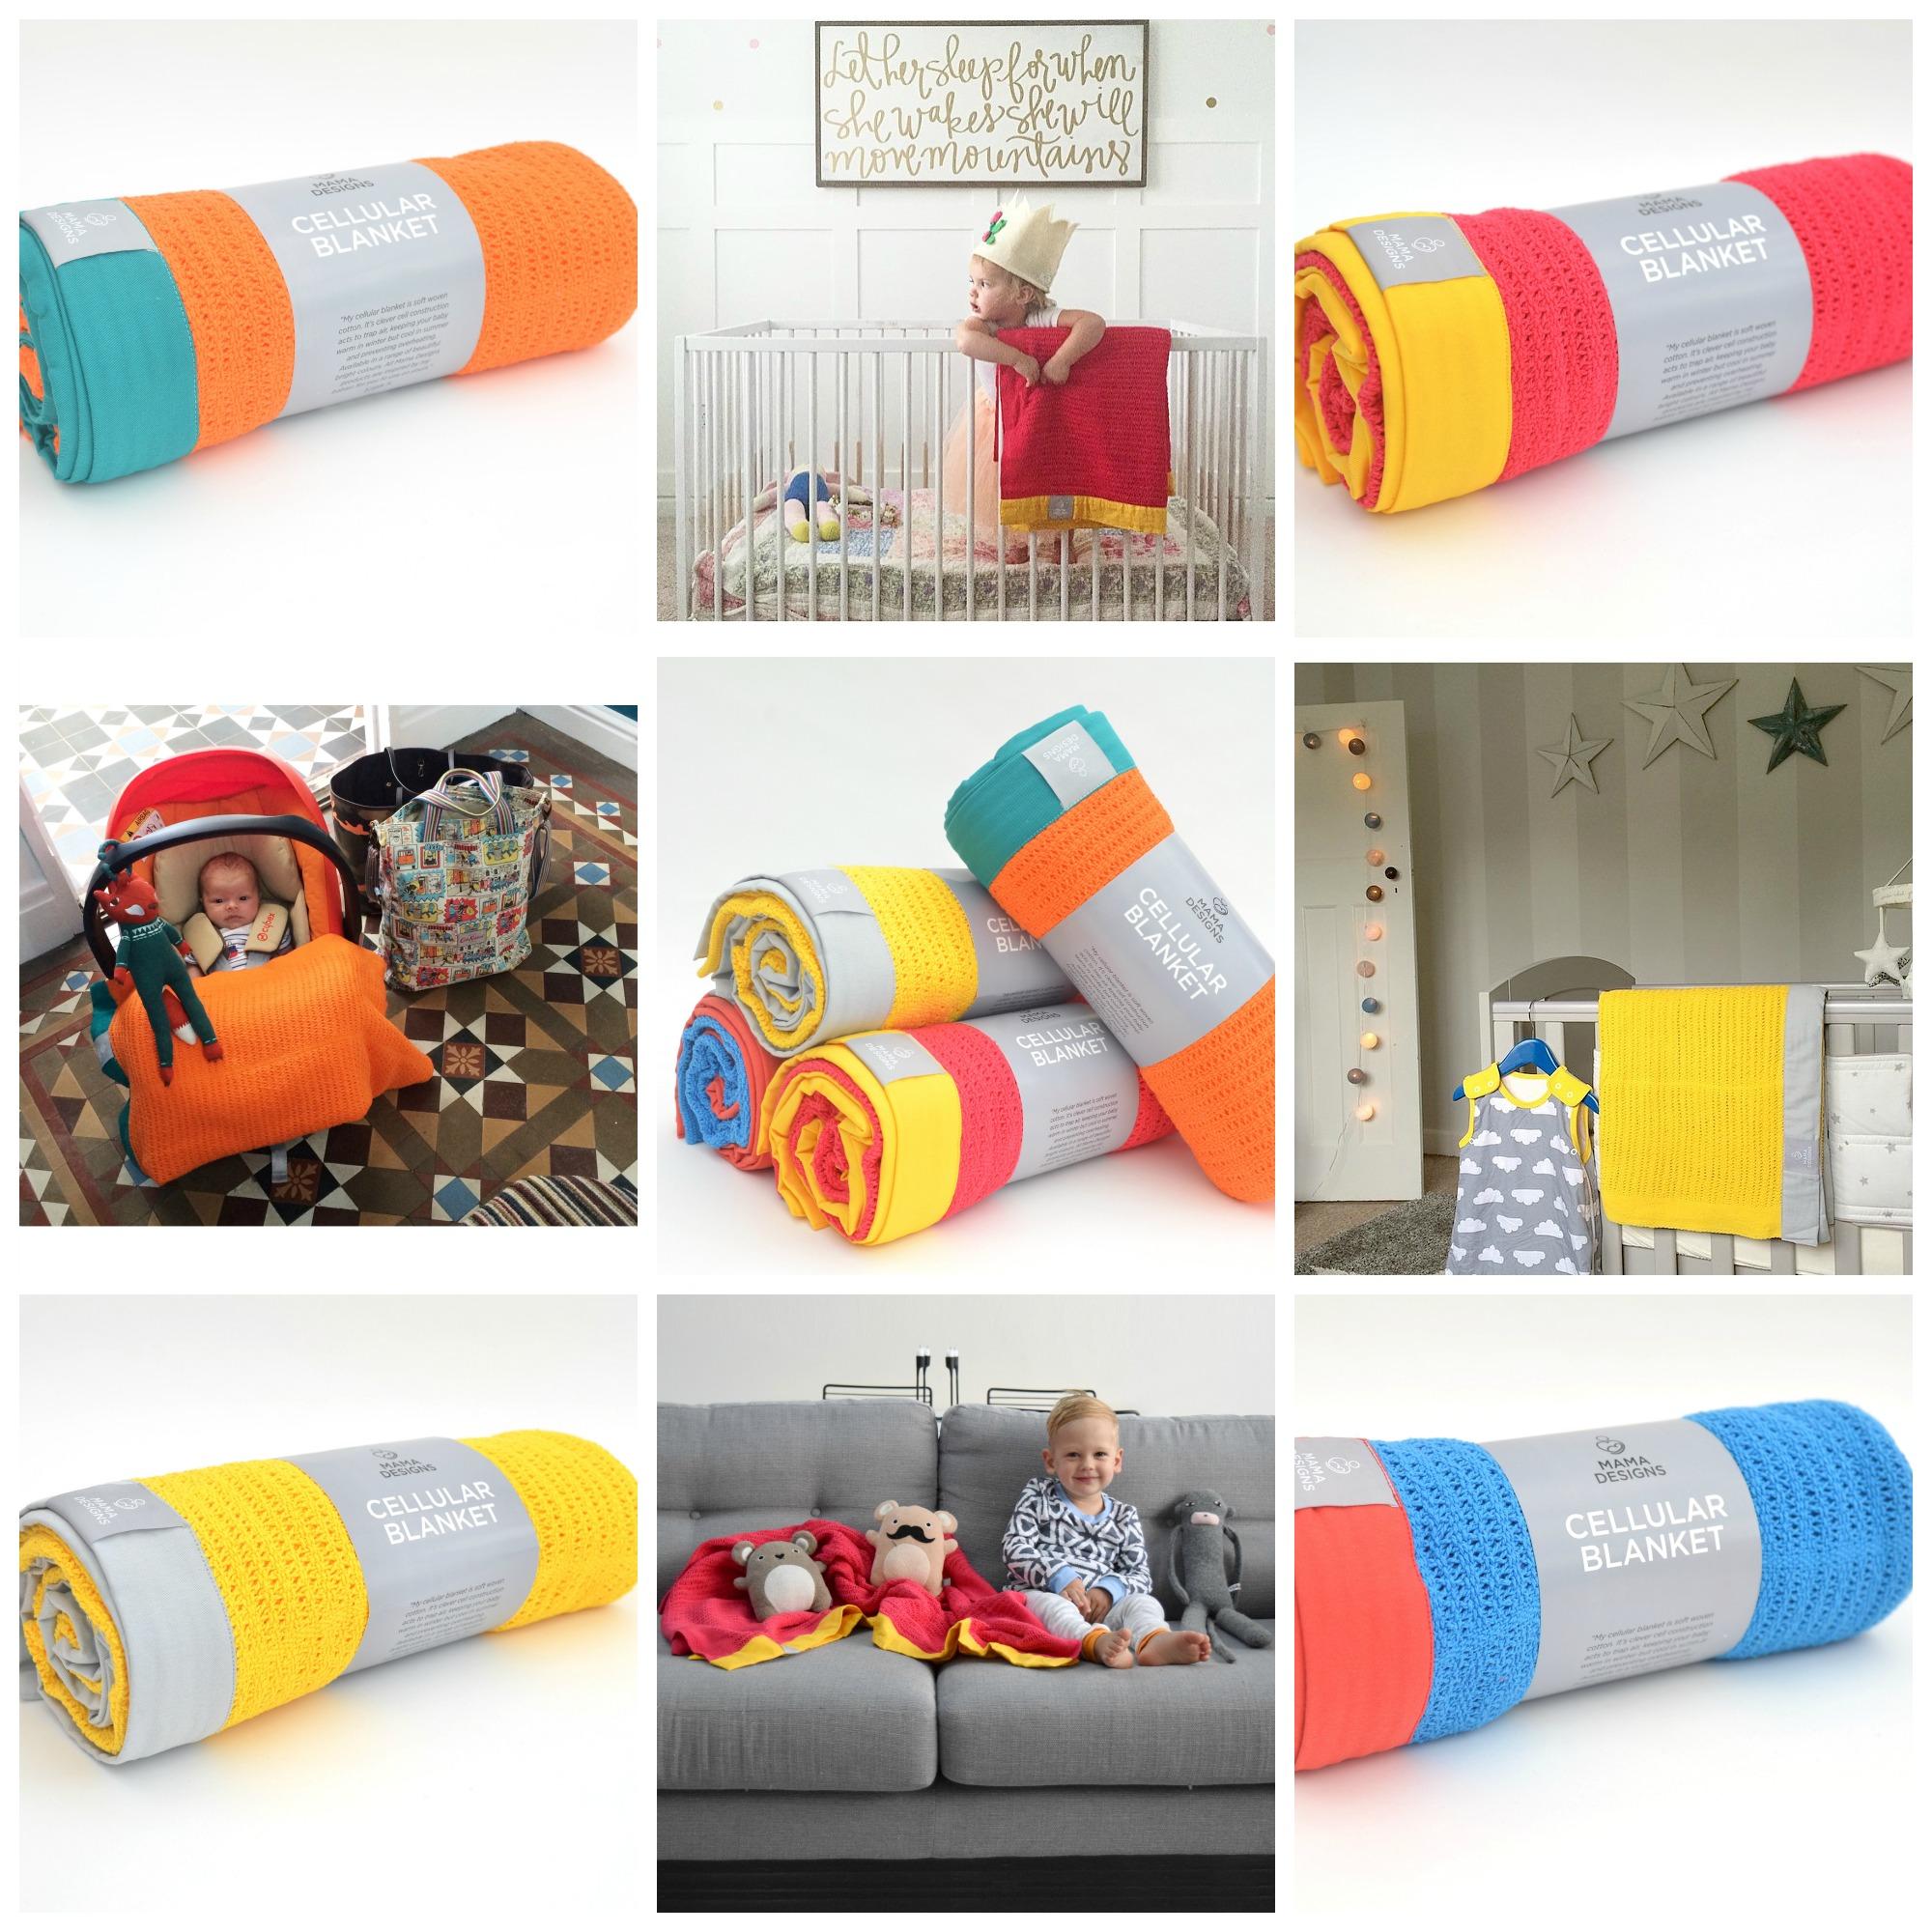 Cellular blanket collage image.jpg